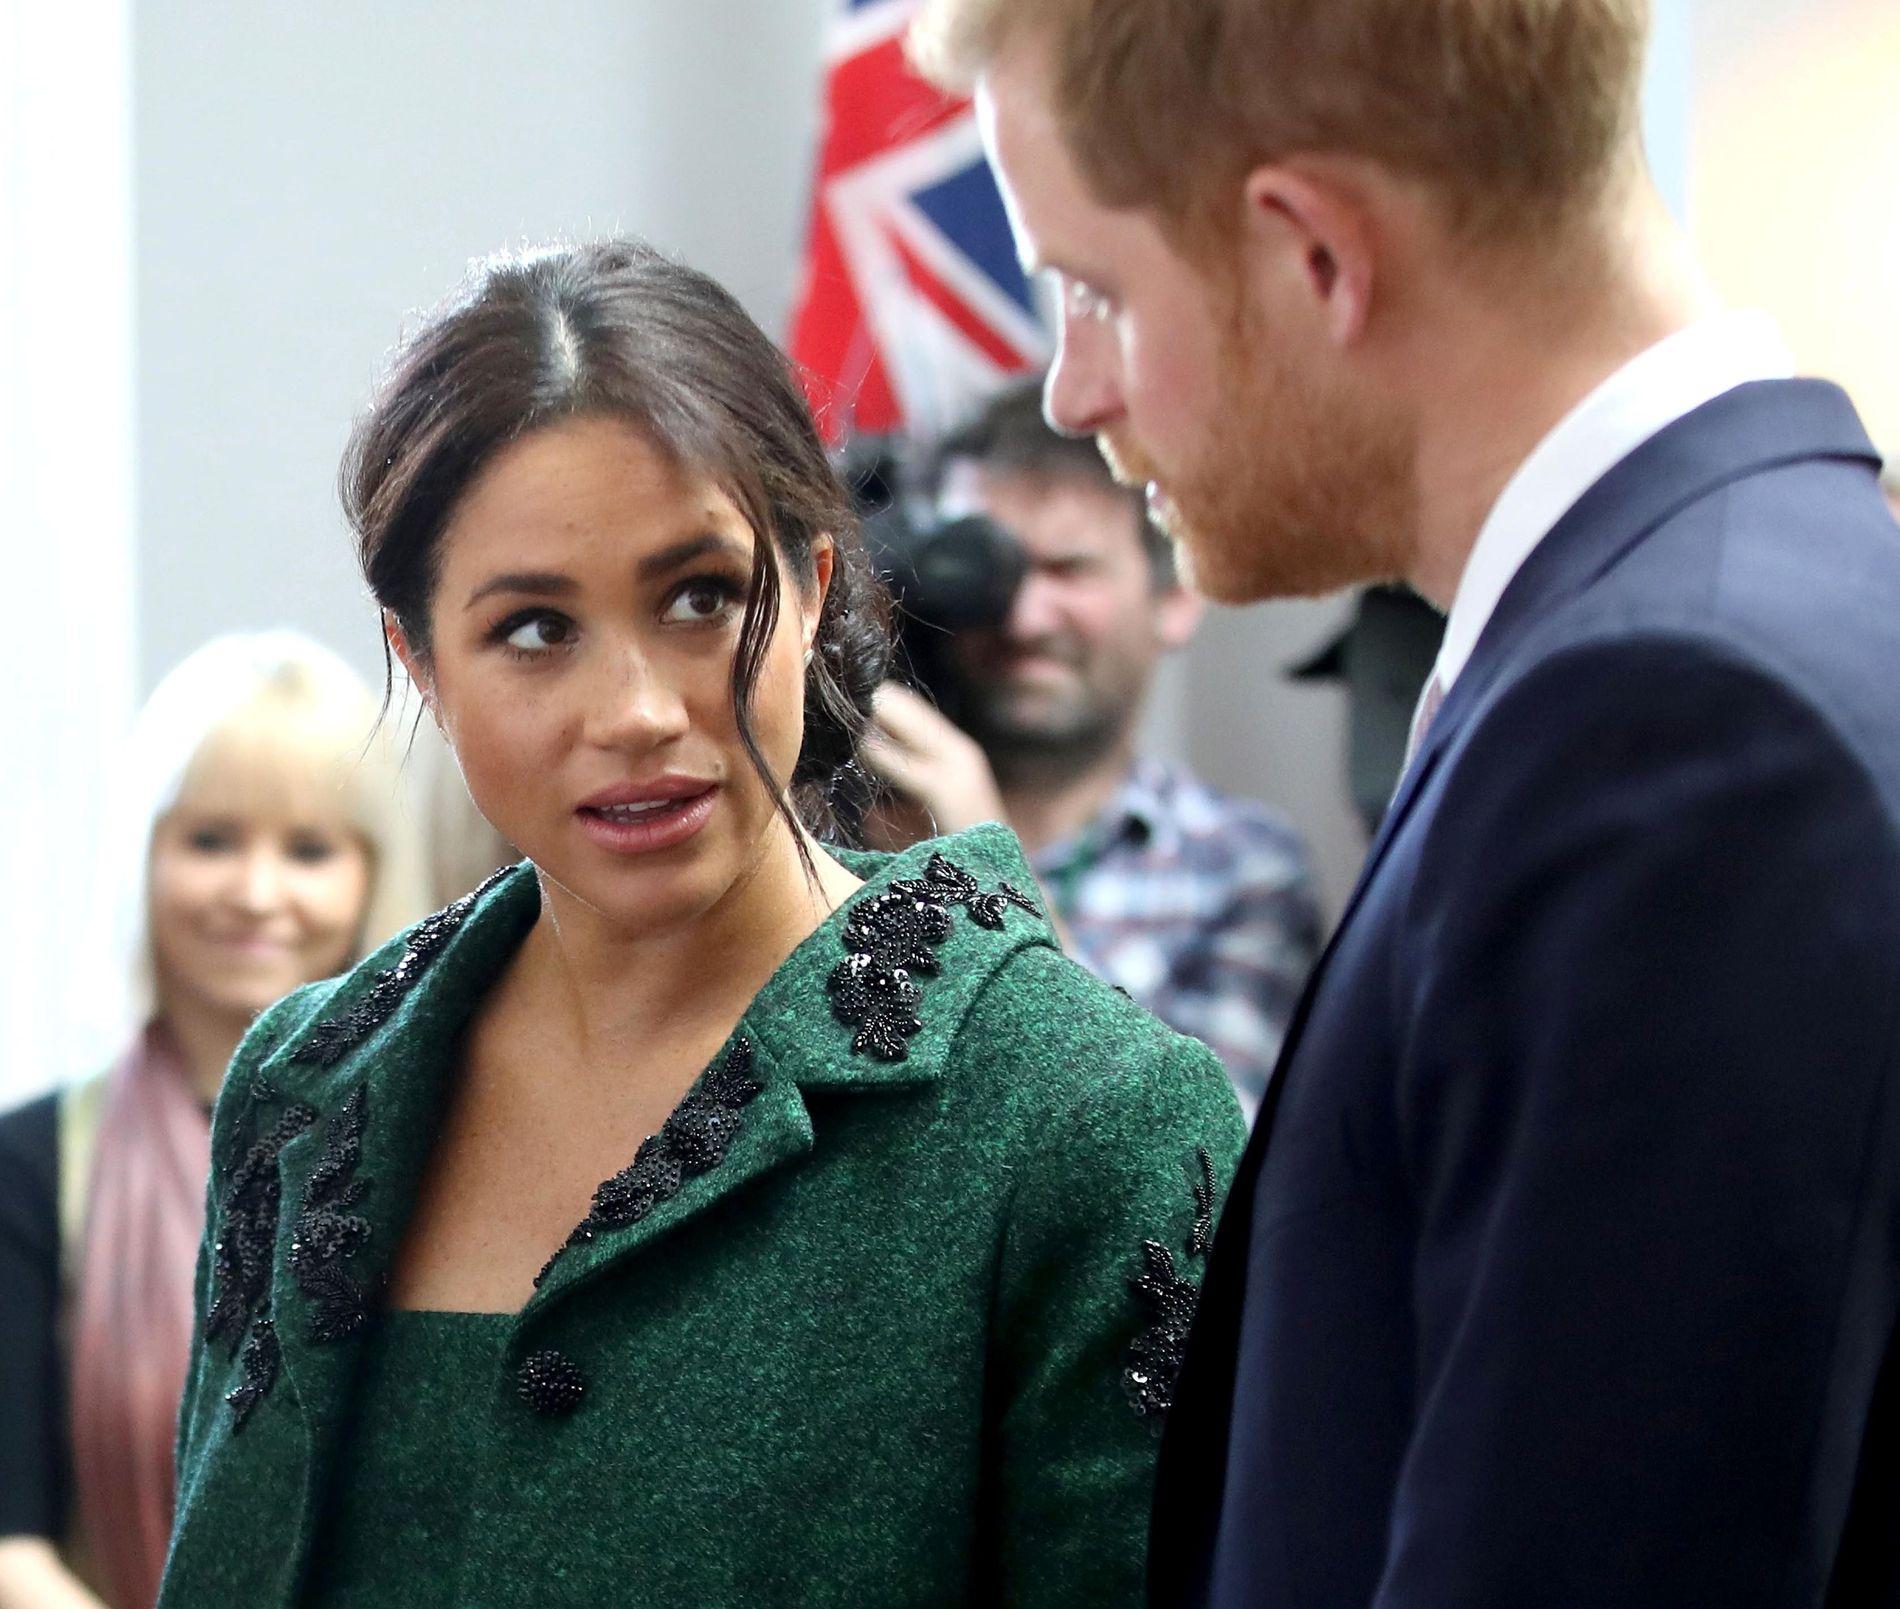 FORELDRE: Hertuginne Meghan og prins Harry på et offisielt oppdrag i London i mars.